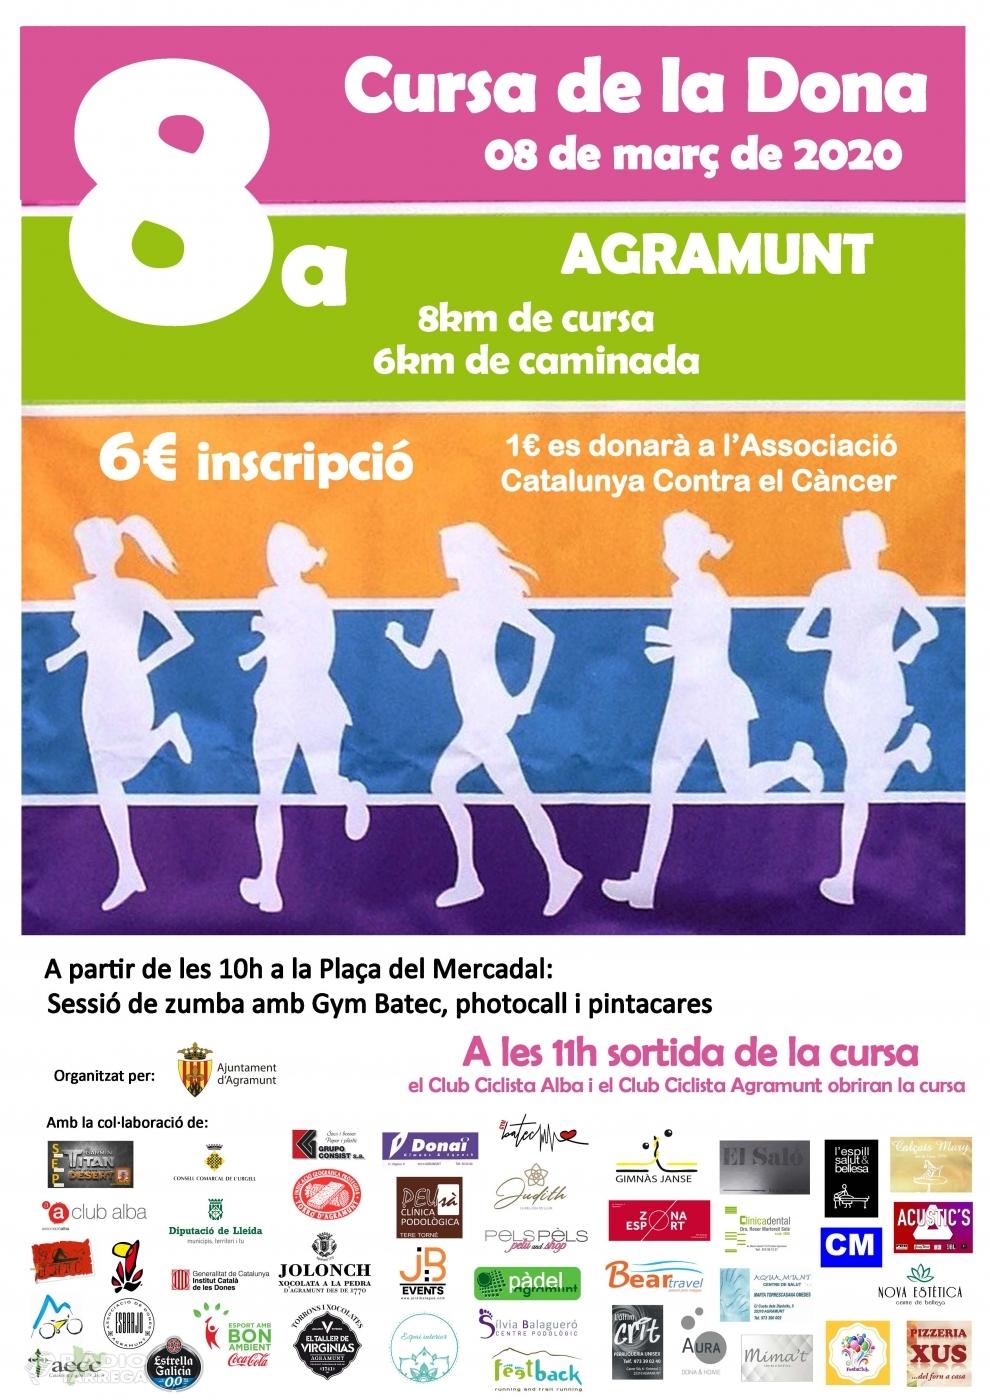 La vuitena edició de la Cursa de la Dona d'Agramunt serà l'edició que comptarà amb més participants